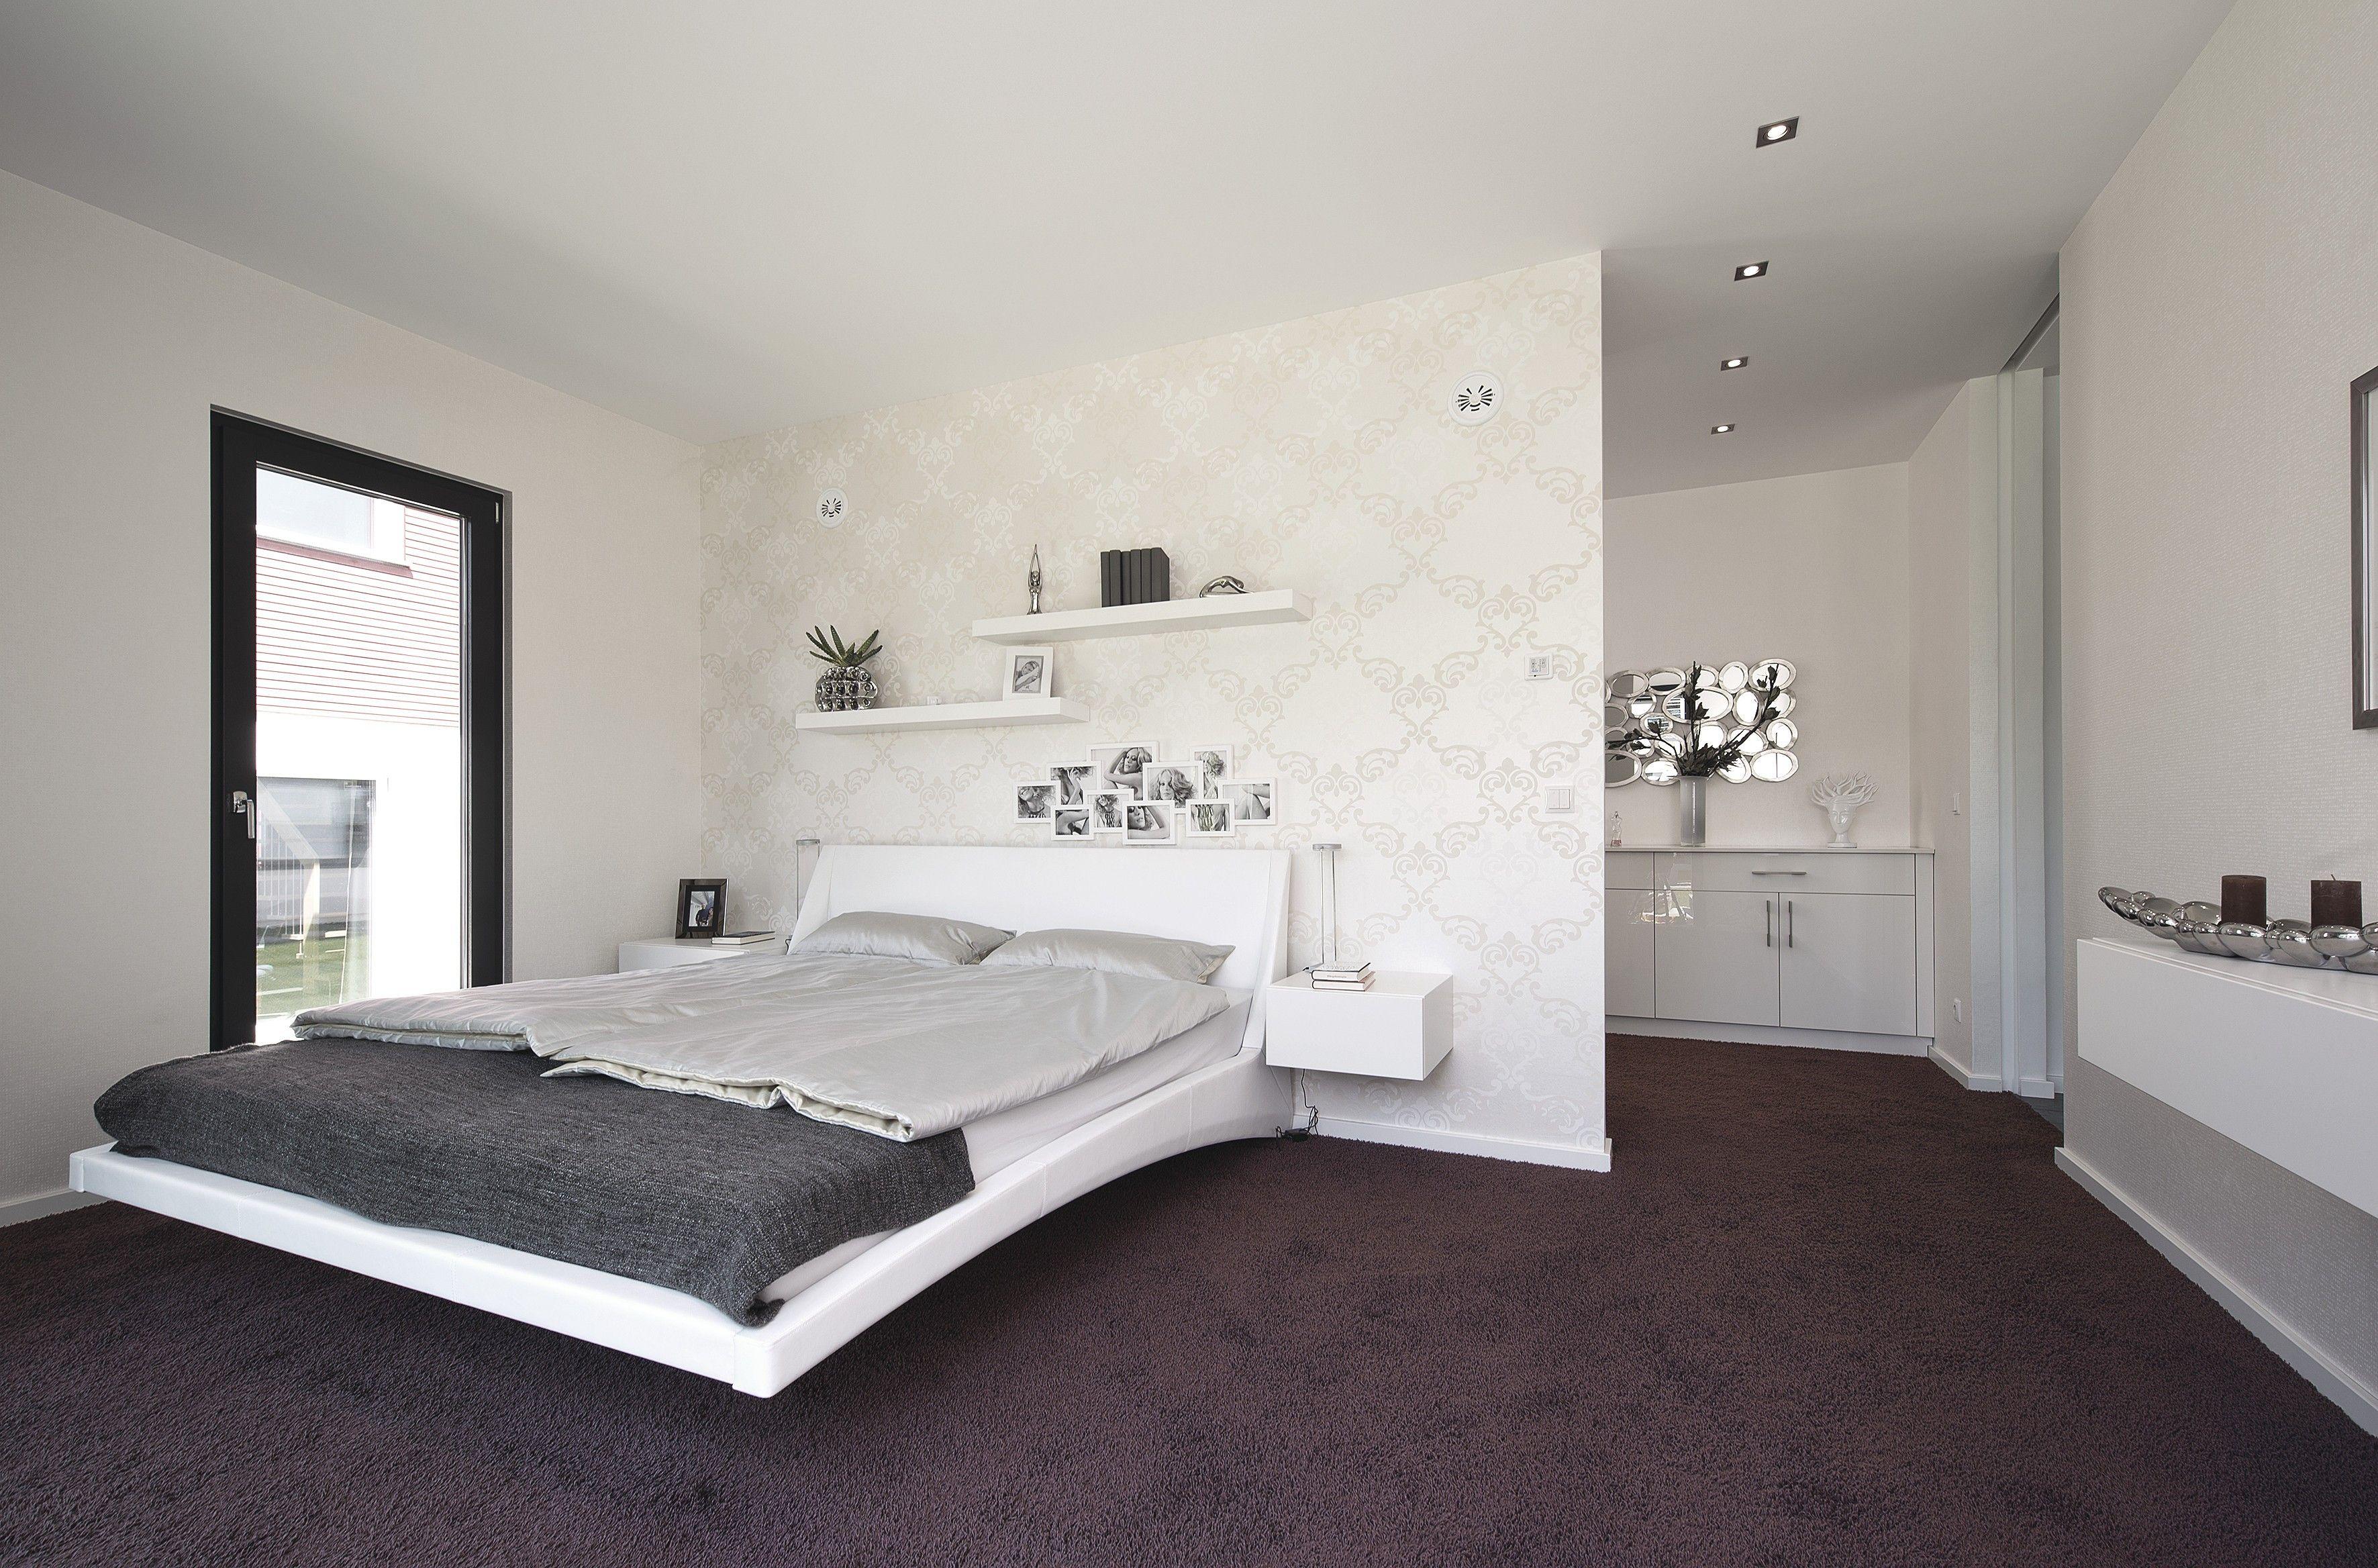 weberhaus fertigbauweise fertighaus holzbauweise wohnen bauen home pinterest. Black Bedroom Furniture Sets. Home Design Ideas